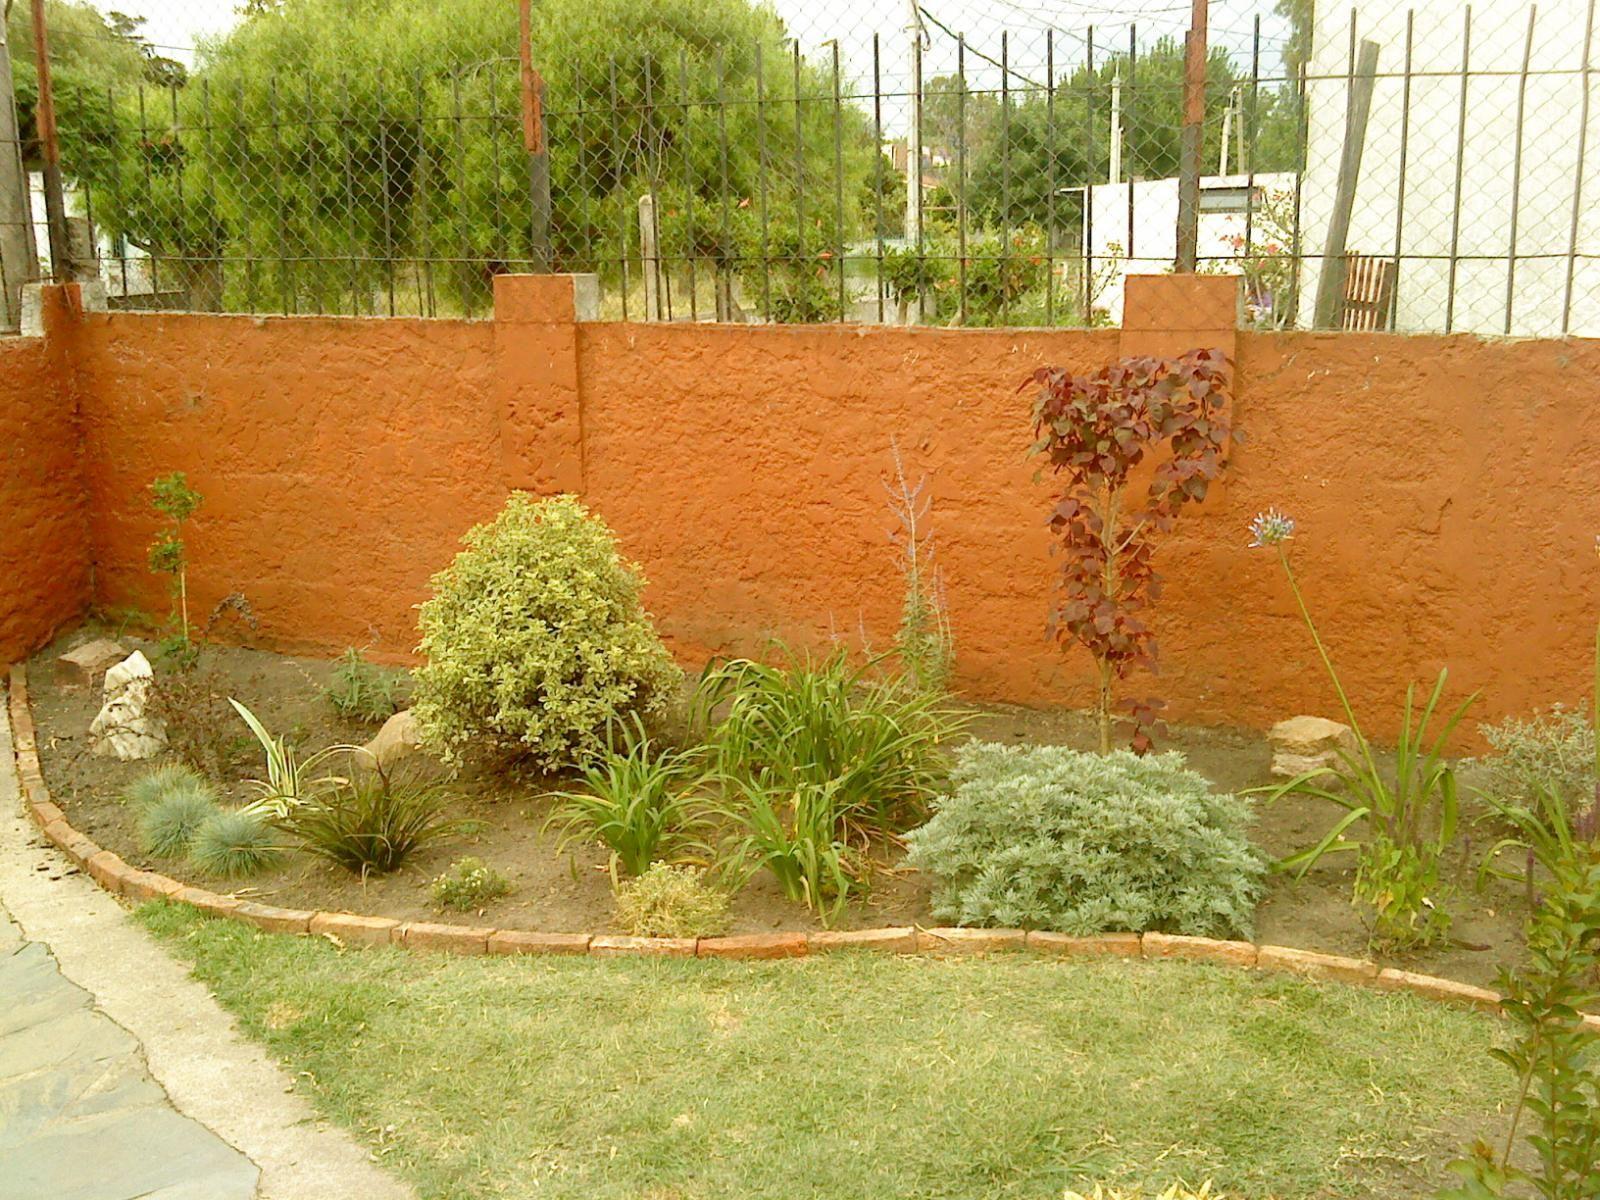 El jard n de ivonne arriate delantero jardines - Arriate jardin ...